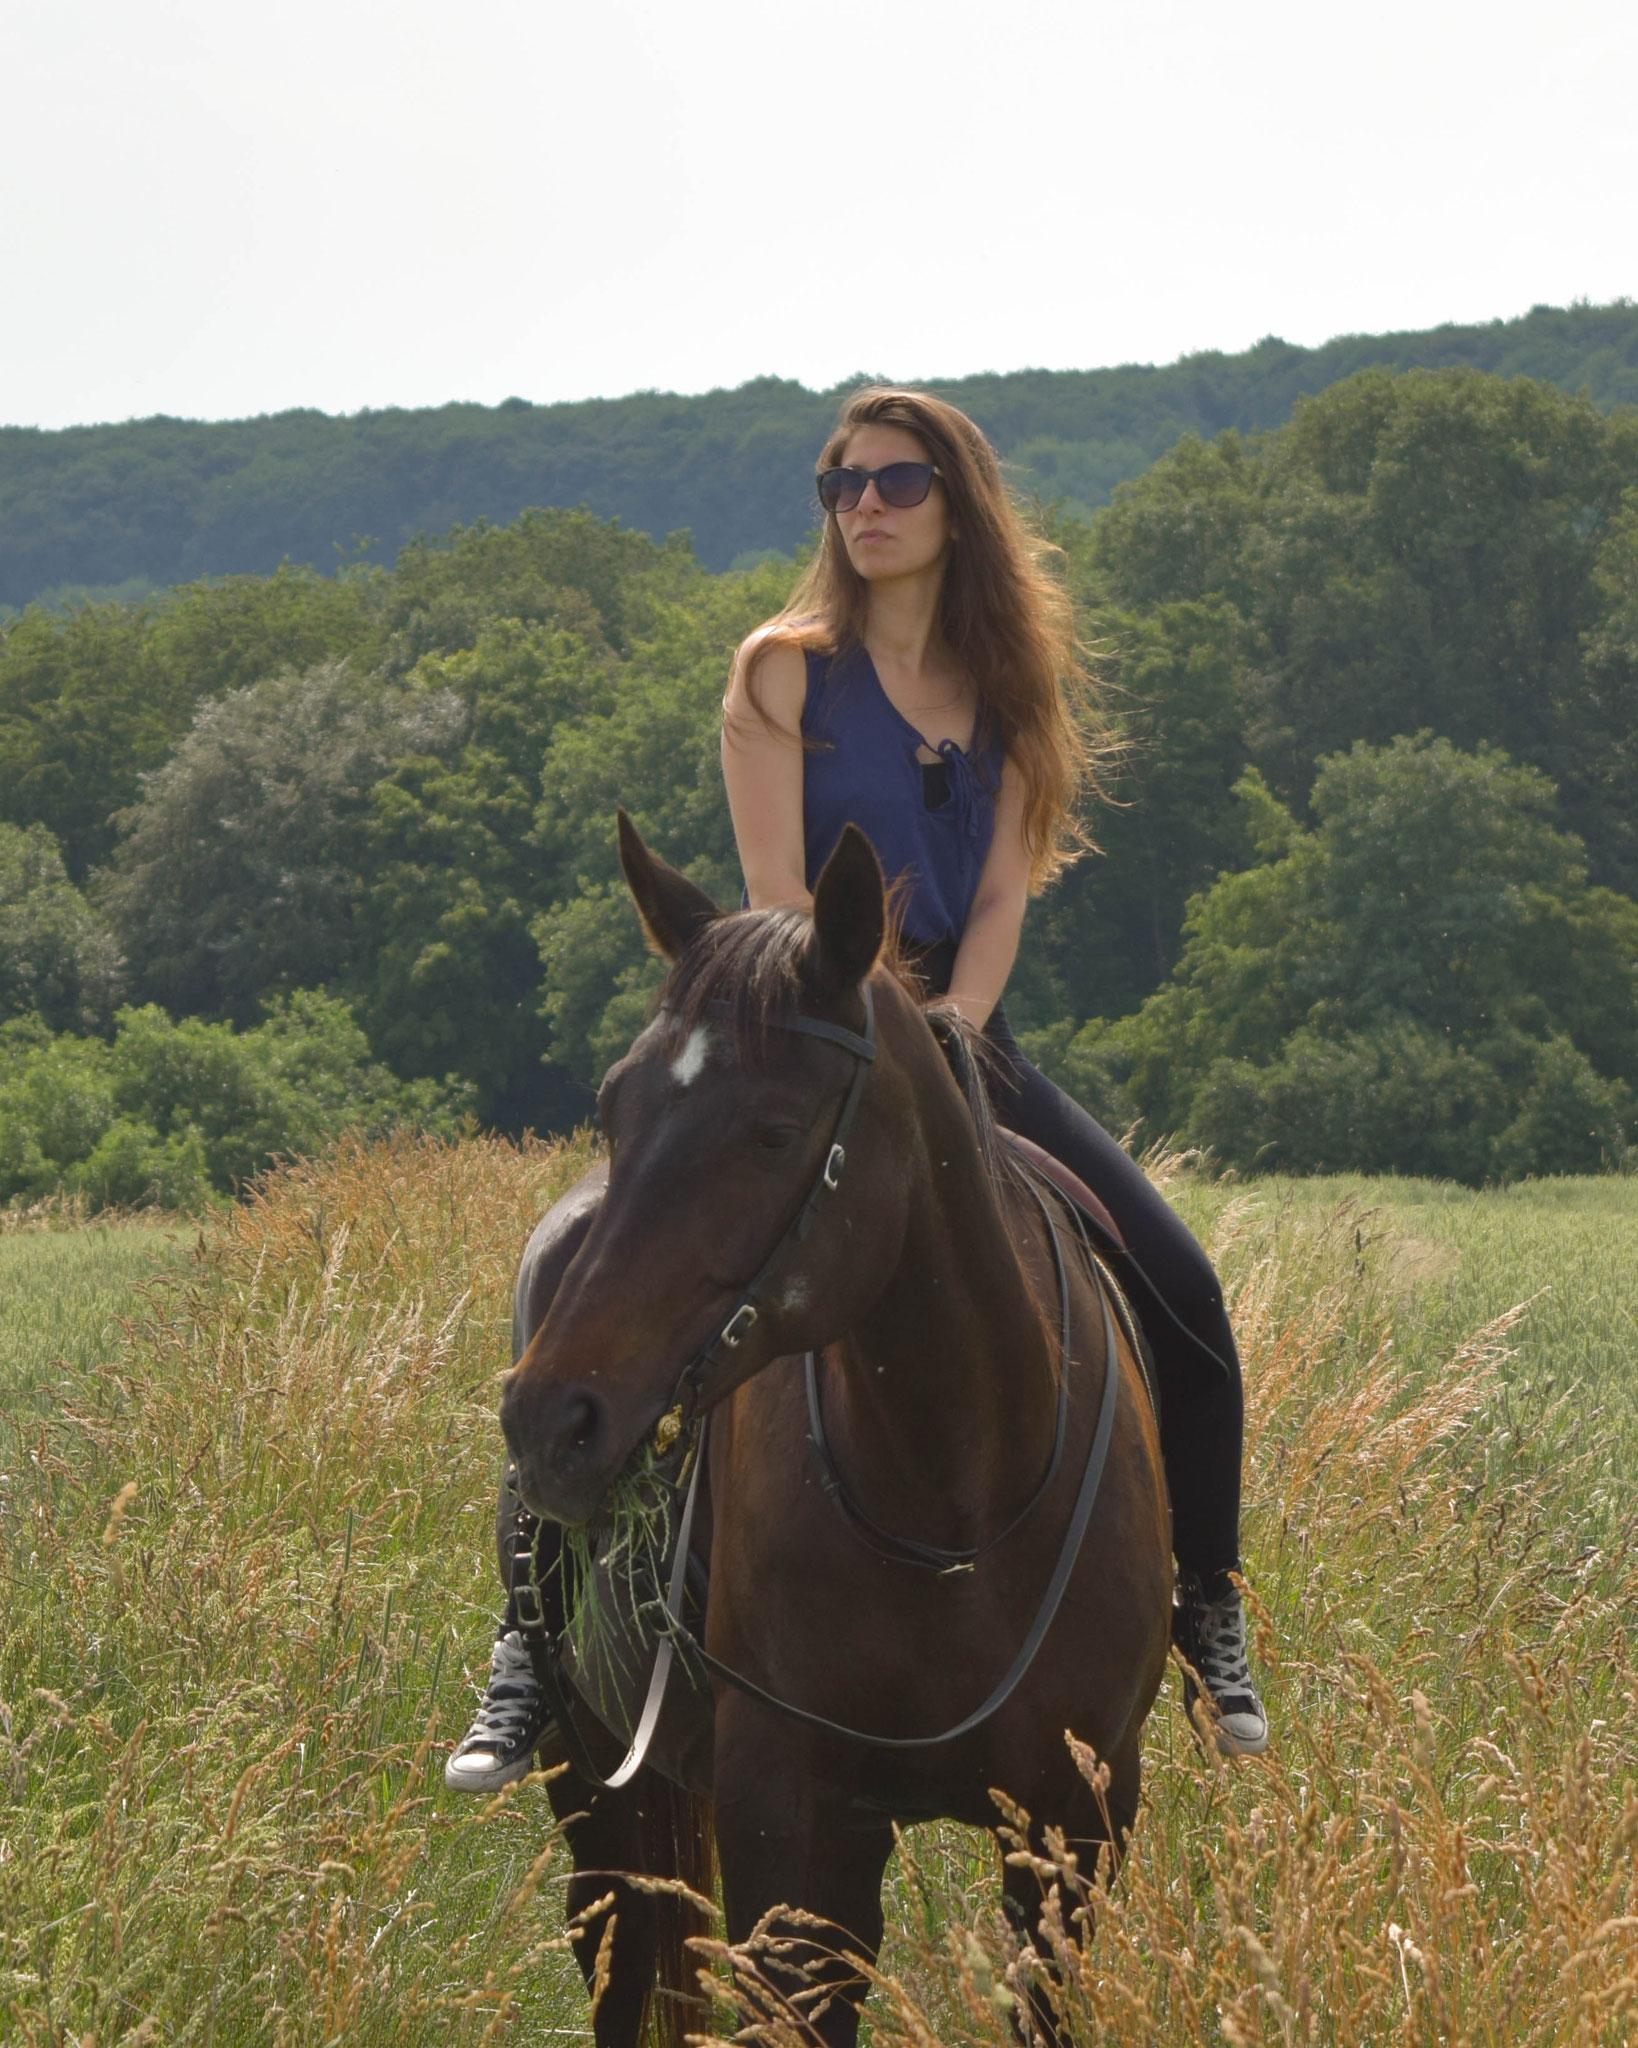 Horse & Summer, Carmen Schubert